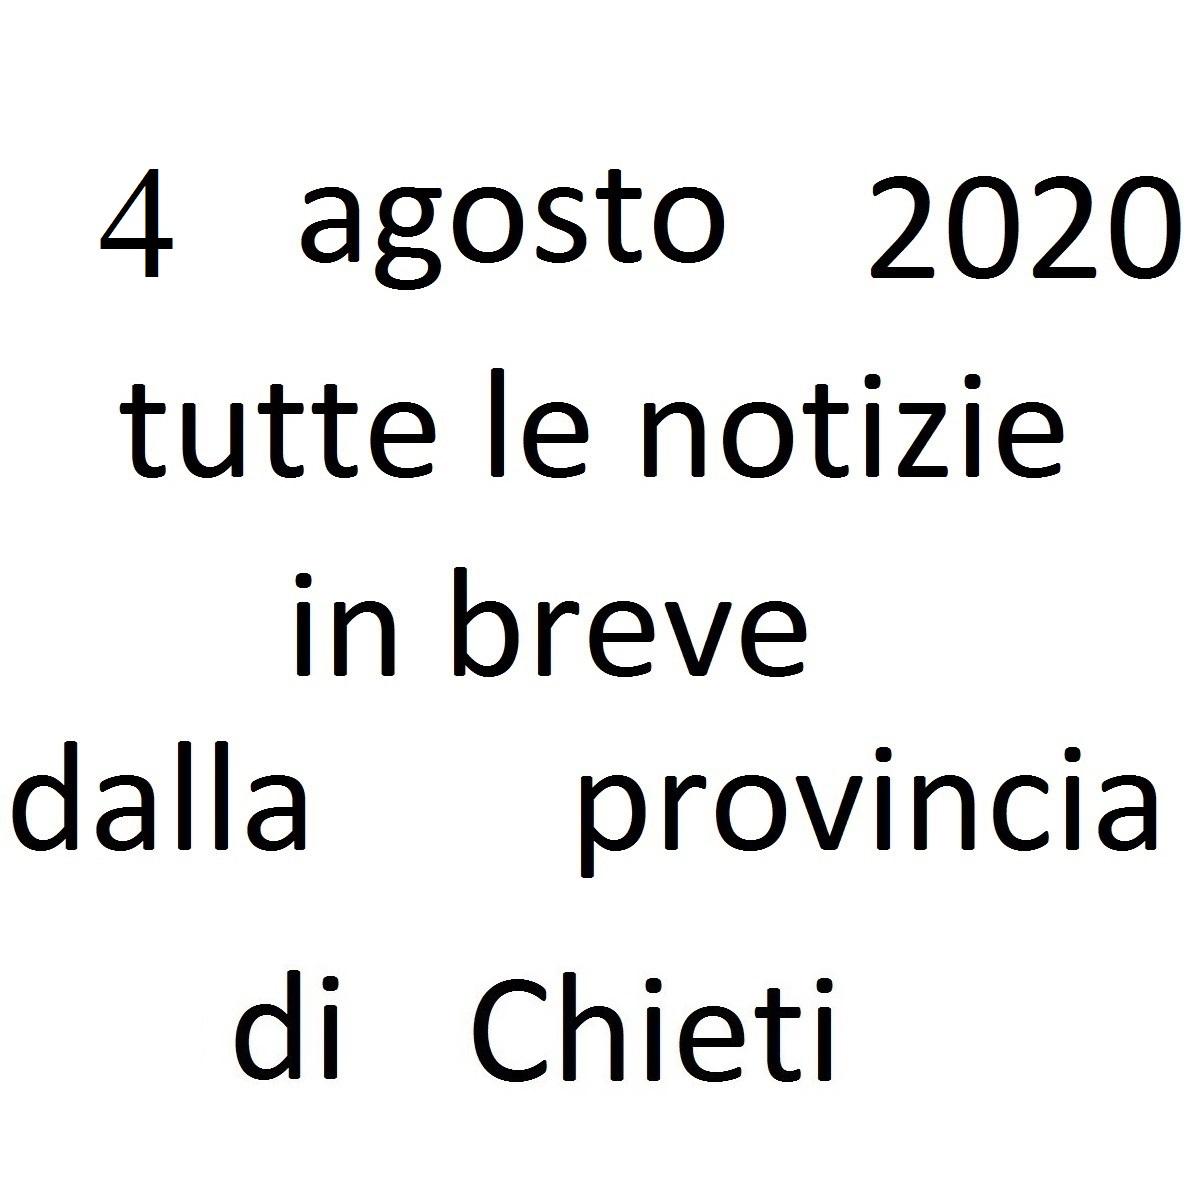 4 agosto 2020 notizie in breve dalla Provincia di Chieti foto